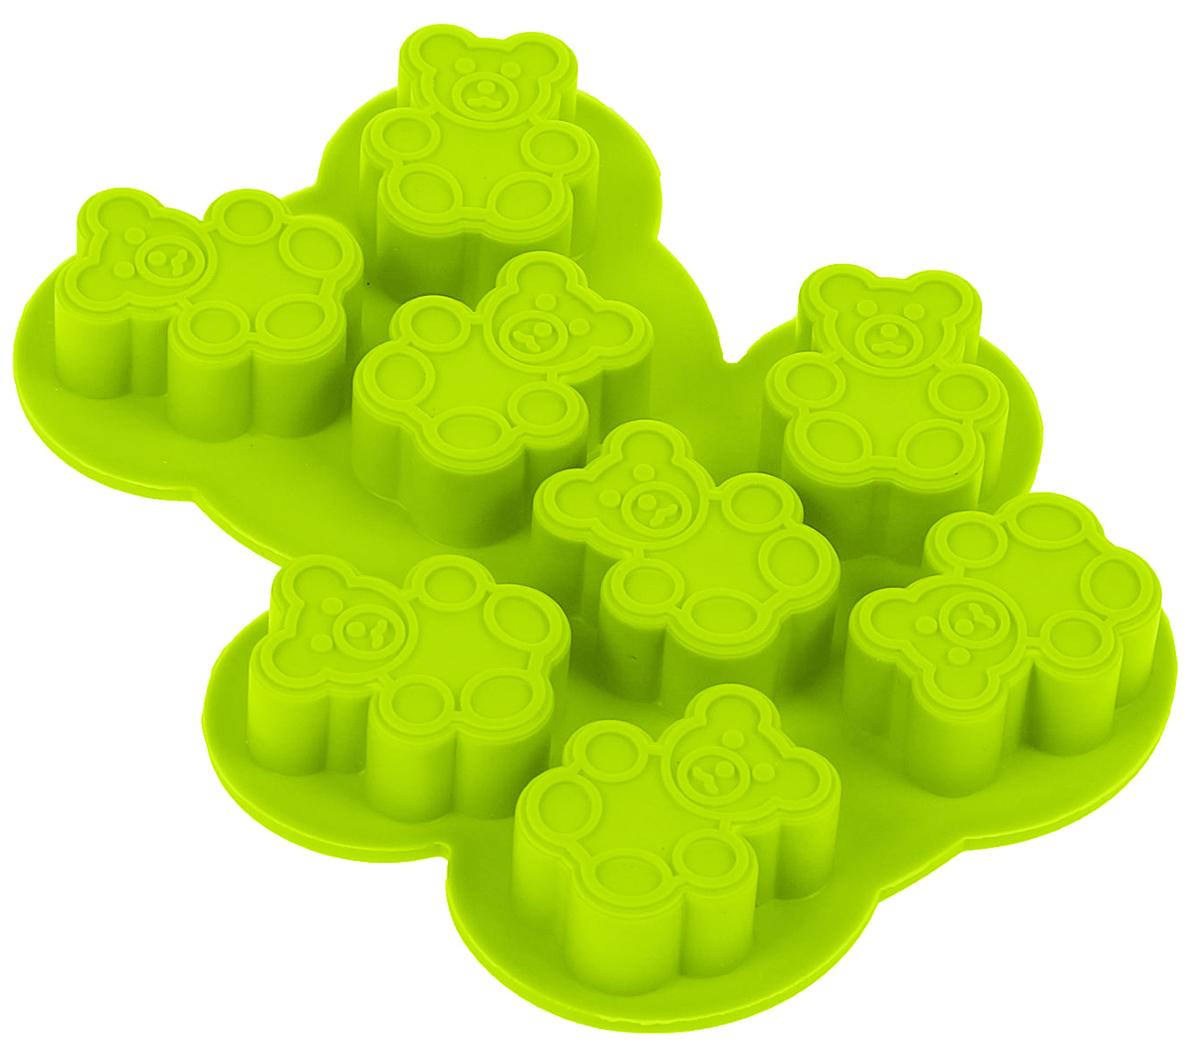 Форма для льда и шоколада Доляна Мишки, цвет: салатовый, 8 ячеек, 13 х 11 х 1,5 см1540896_салатовыйФигурная форма для льда и шоколада Доляна Мишки выполнена из пищевого силикона, который не впитывает запахов, отличается прочностью и долговечностью. Материал полностью безопасен для продуктов питания. Кроме того, силикон выдерживает температуру от -40°С до +250°С, что позволяет использовать форму в духовом шкафу и морозильной камере. Благодаря гибкости материала готовый продукт легко вынимается и не крошится.С помощью такой формы можно приготовить оригинальные конфеты и фигурный лед. Приготовить миниатюрные украшения гораздо проще, чем кажется. Наполните силиконовую емкость расплавленным шоколадом, мастикой или водой и поместите в морозильную камеру. Вскоре у вас будут оригинальные фигурки, которые сделают запоминающимся любой праздничный стол! В формах можно заморозить сок или приготовить мини-порции мороженого, желе, шоколада или другого десерта. Особенно эффектно выглядят льдинки с замороженными внутри ягодами или дольками фруктов. Заморозив настой из трав, можно использовать его в косметологических целях.Форма легко отмывается, в том числе в посудомоечной машине.